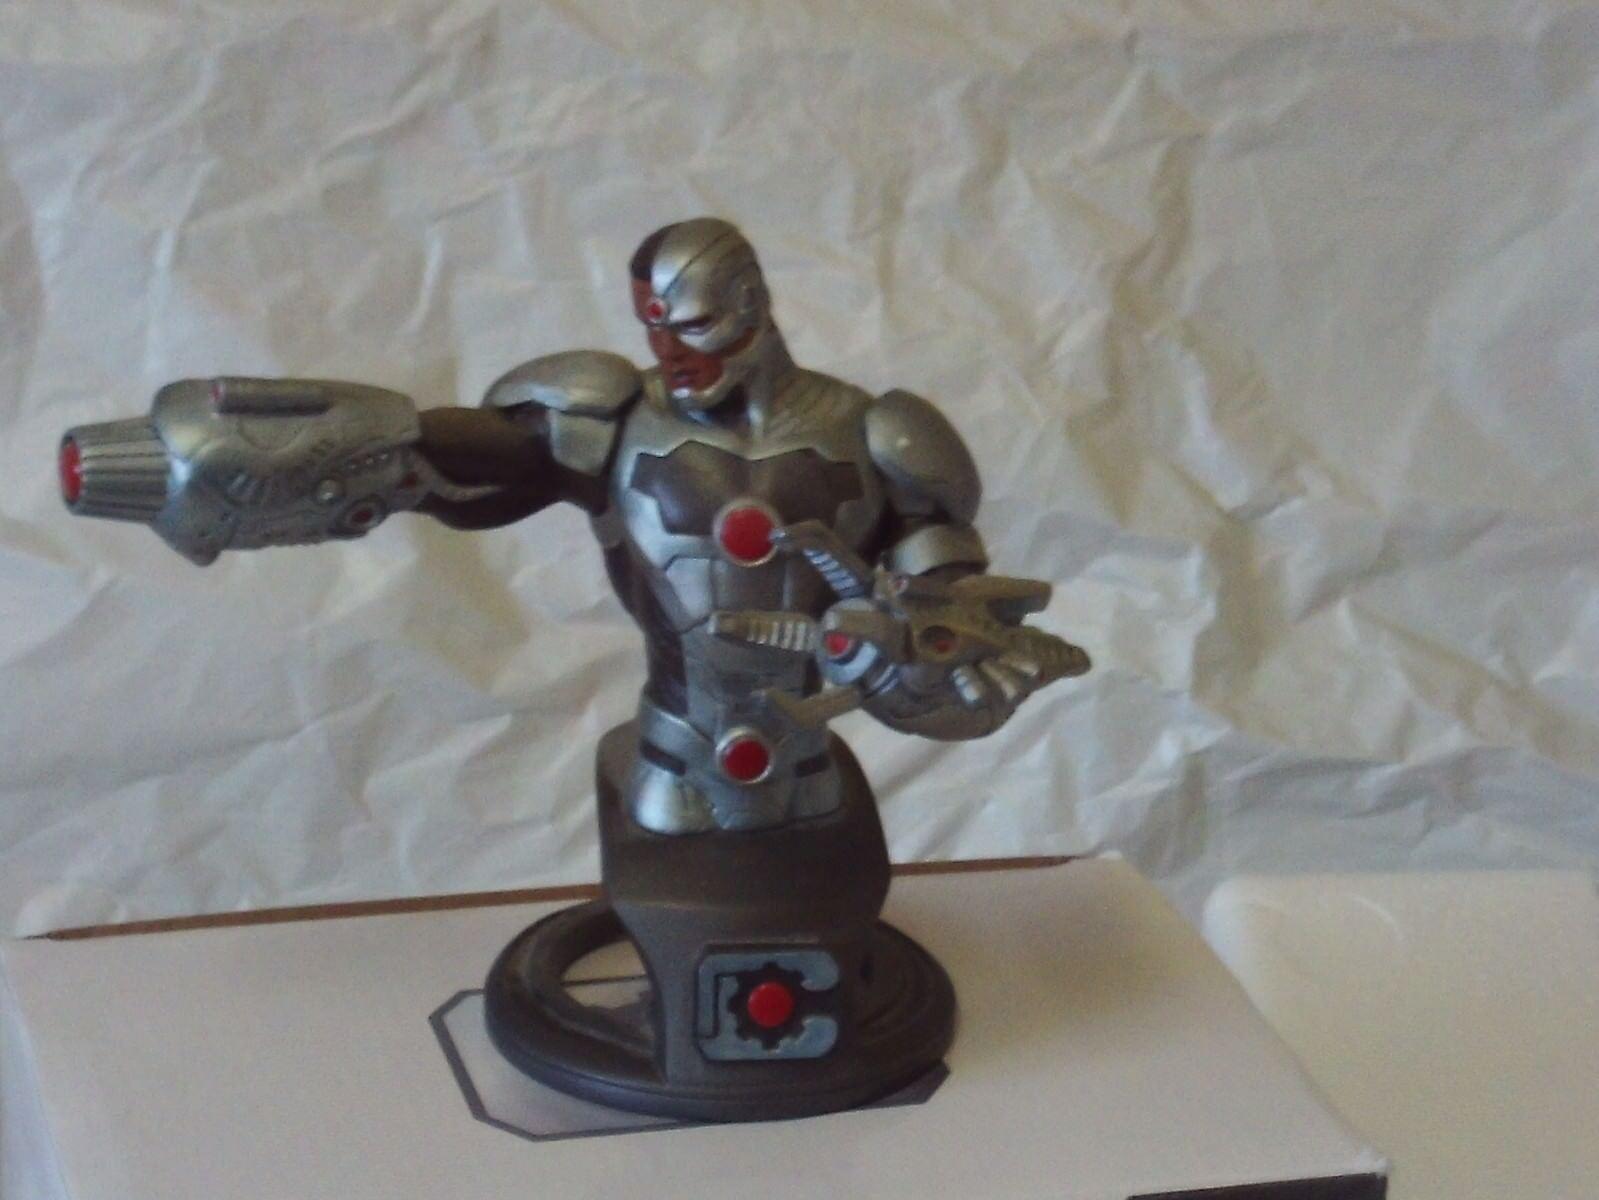 DC SUPEREROI Cyborg autobusto scolpito da Jean St Jean